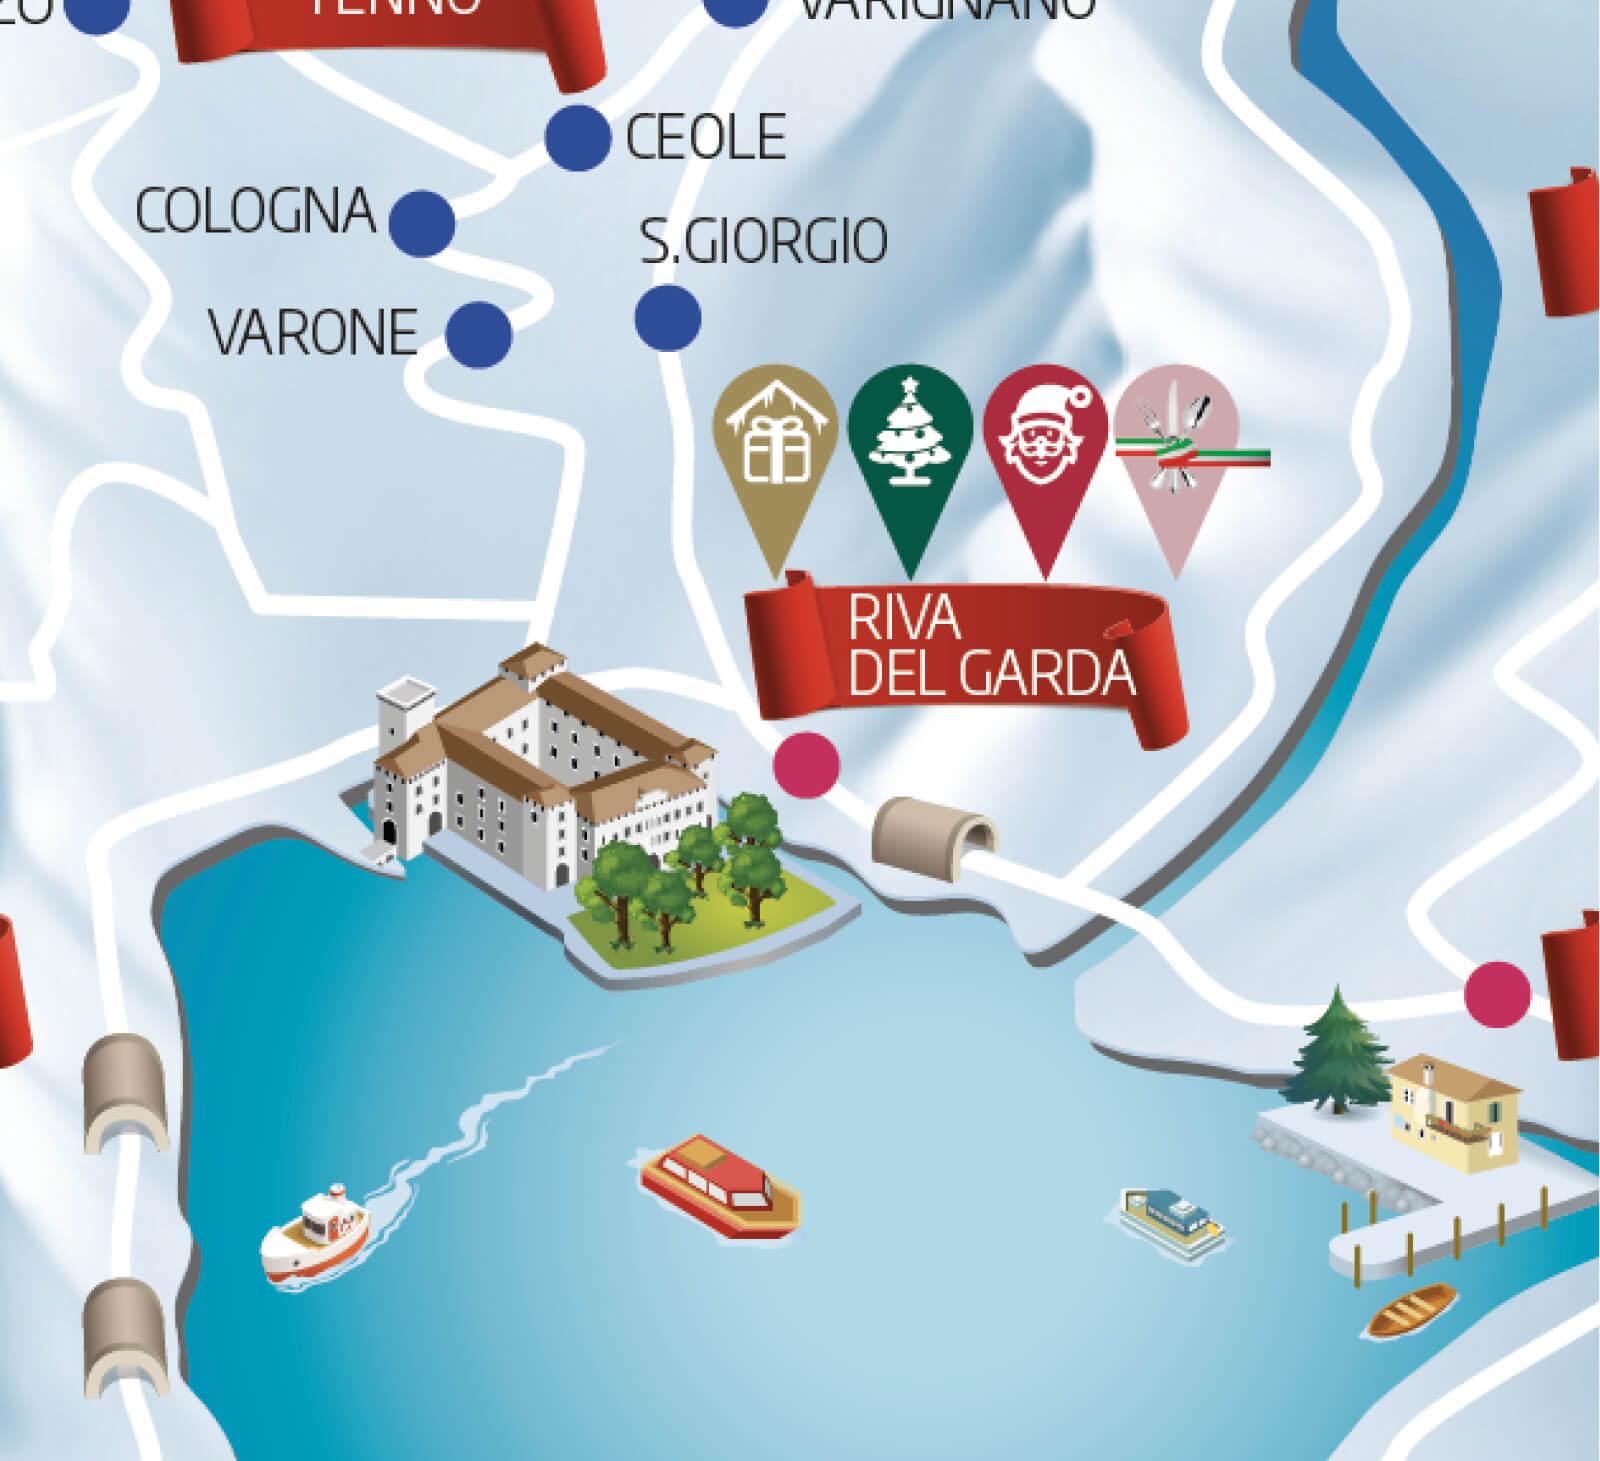 dettaglio illustrazione per mappa, diadestdio agenzia di comunicazione arco di trento